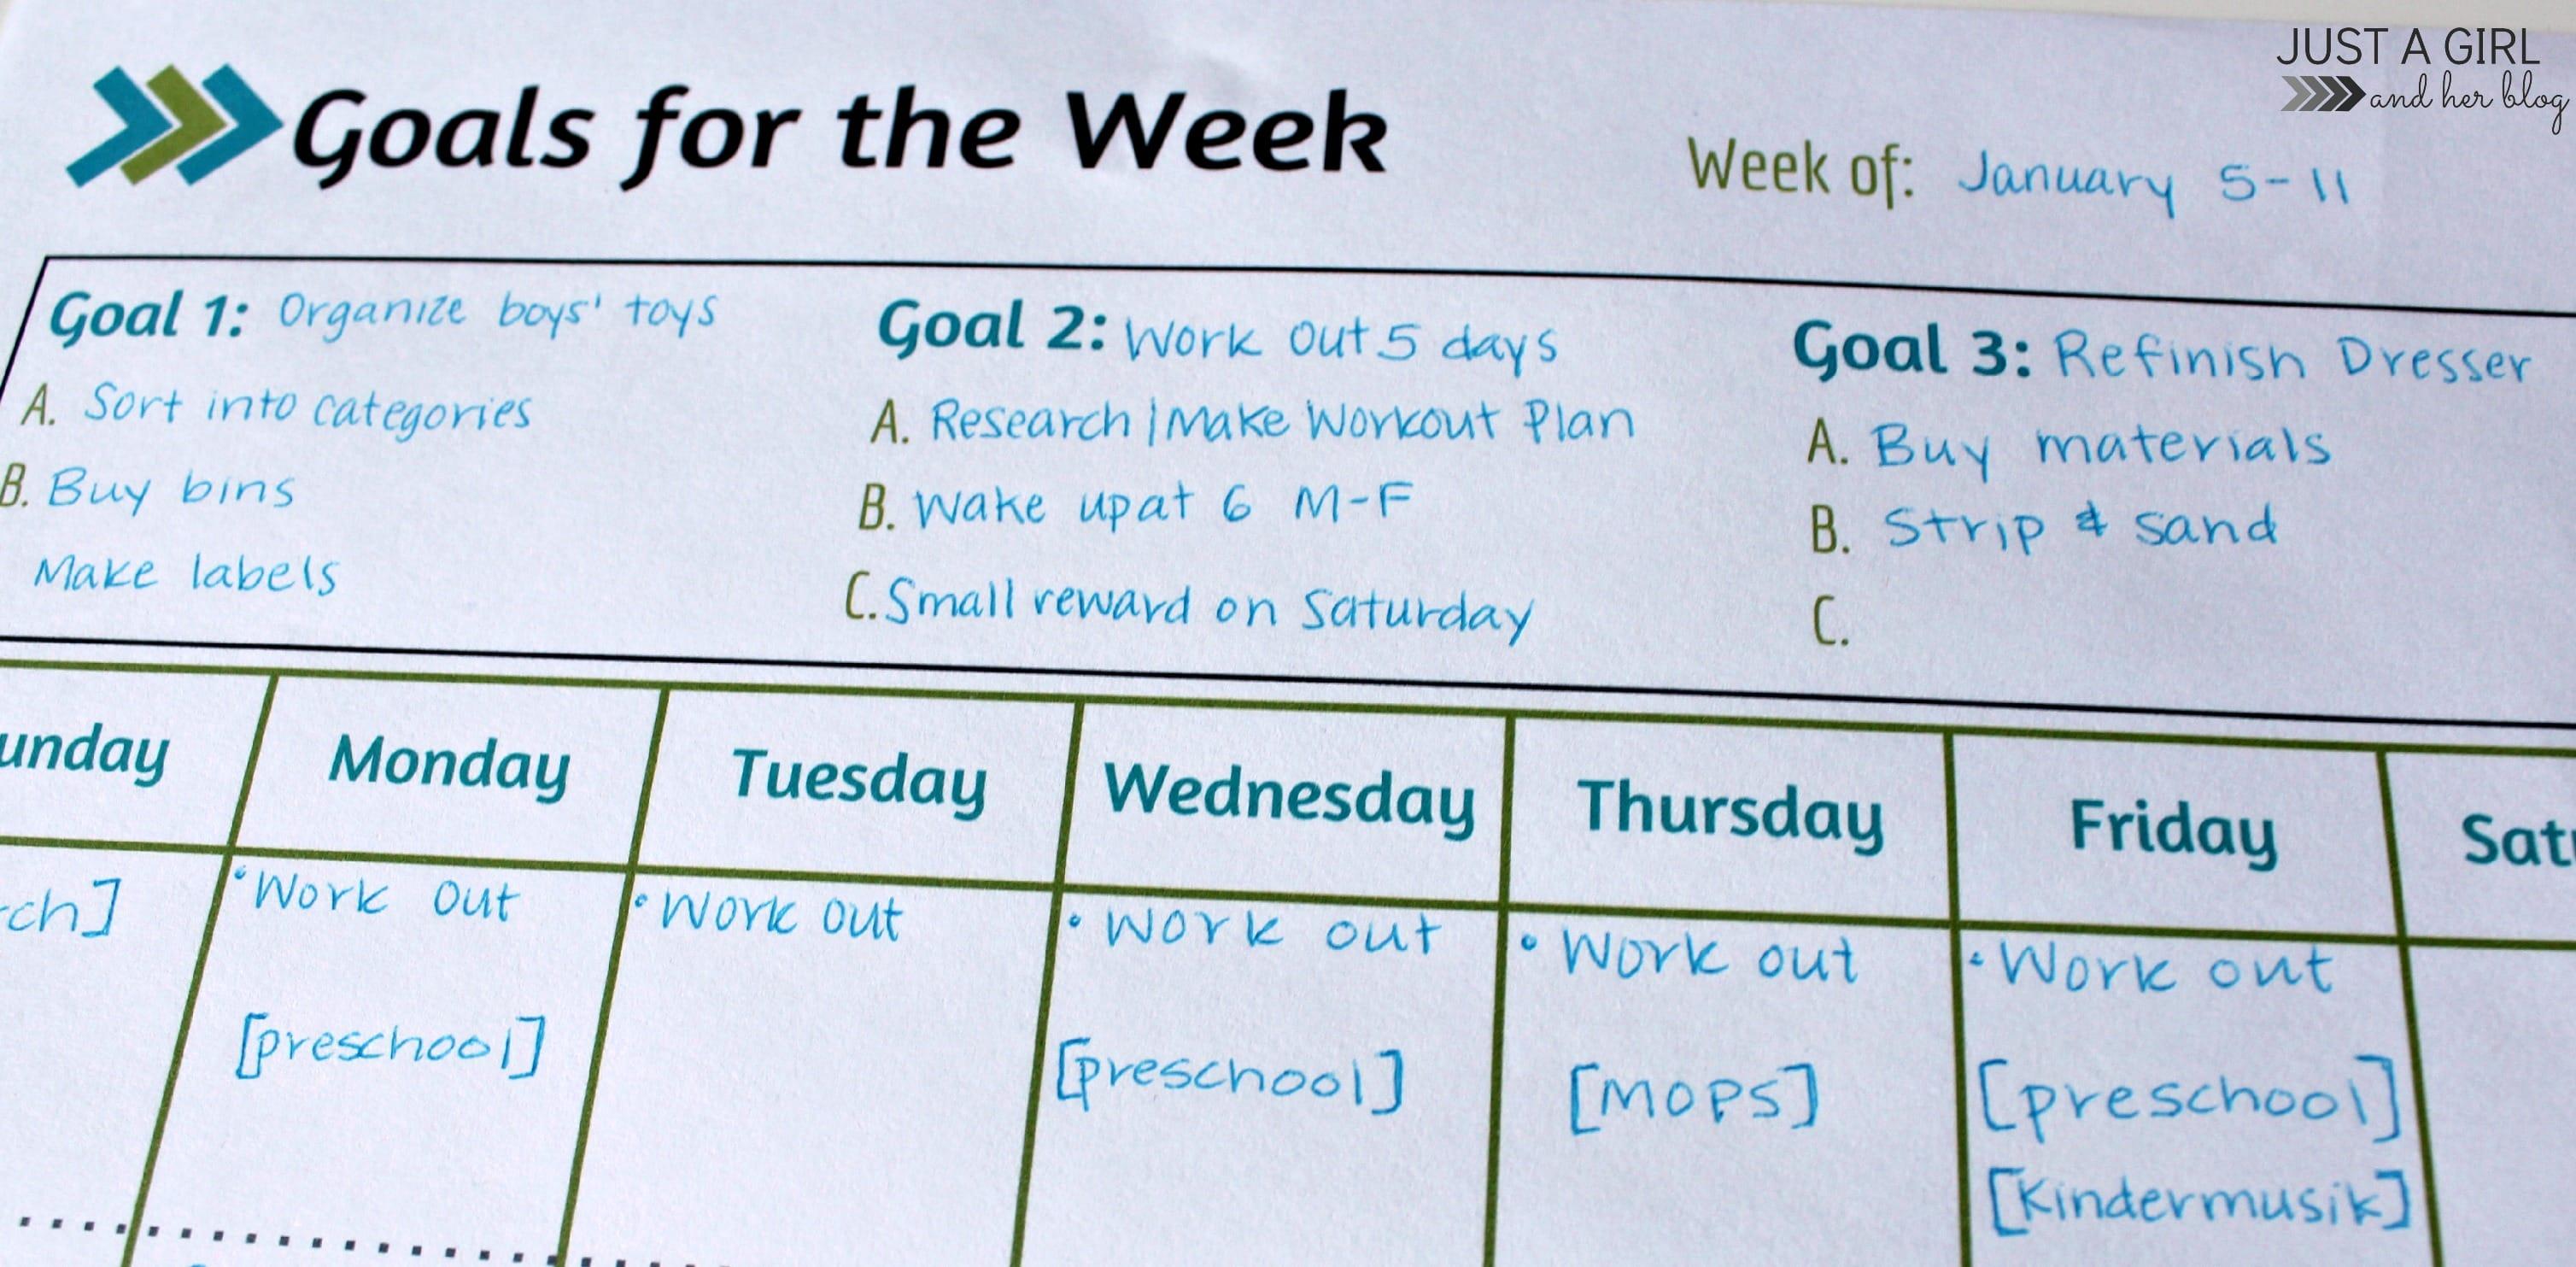 Weekly Goals Printable Free